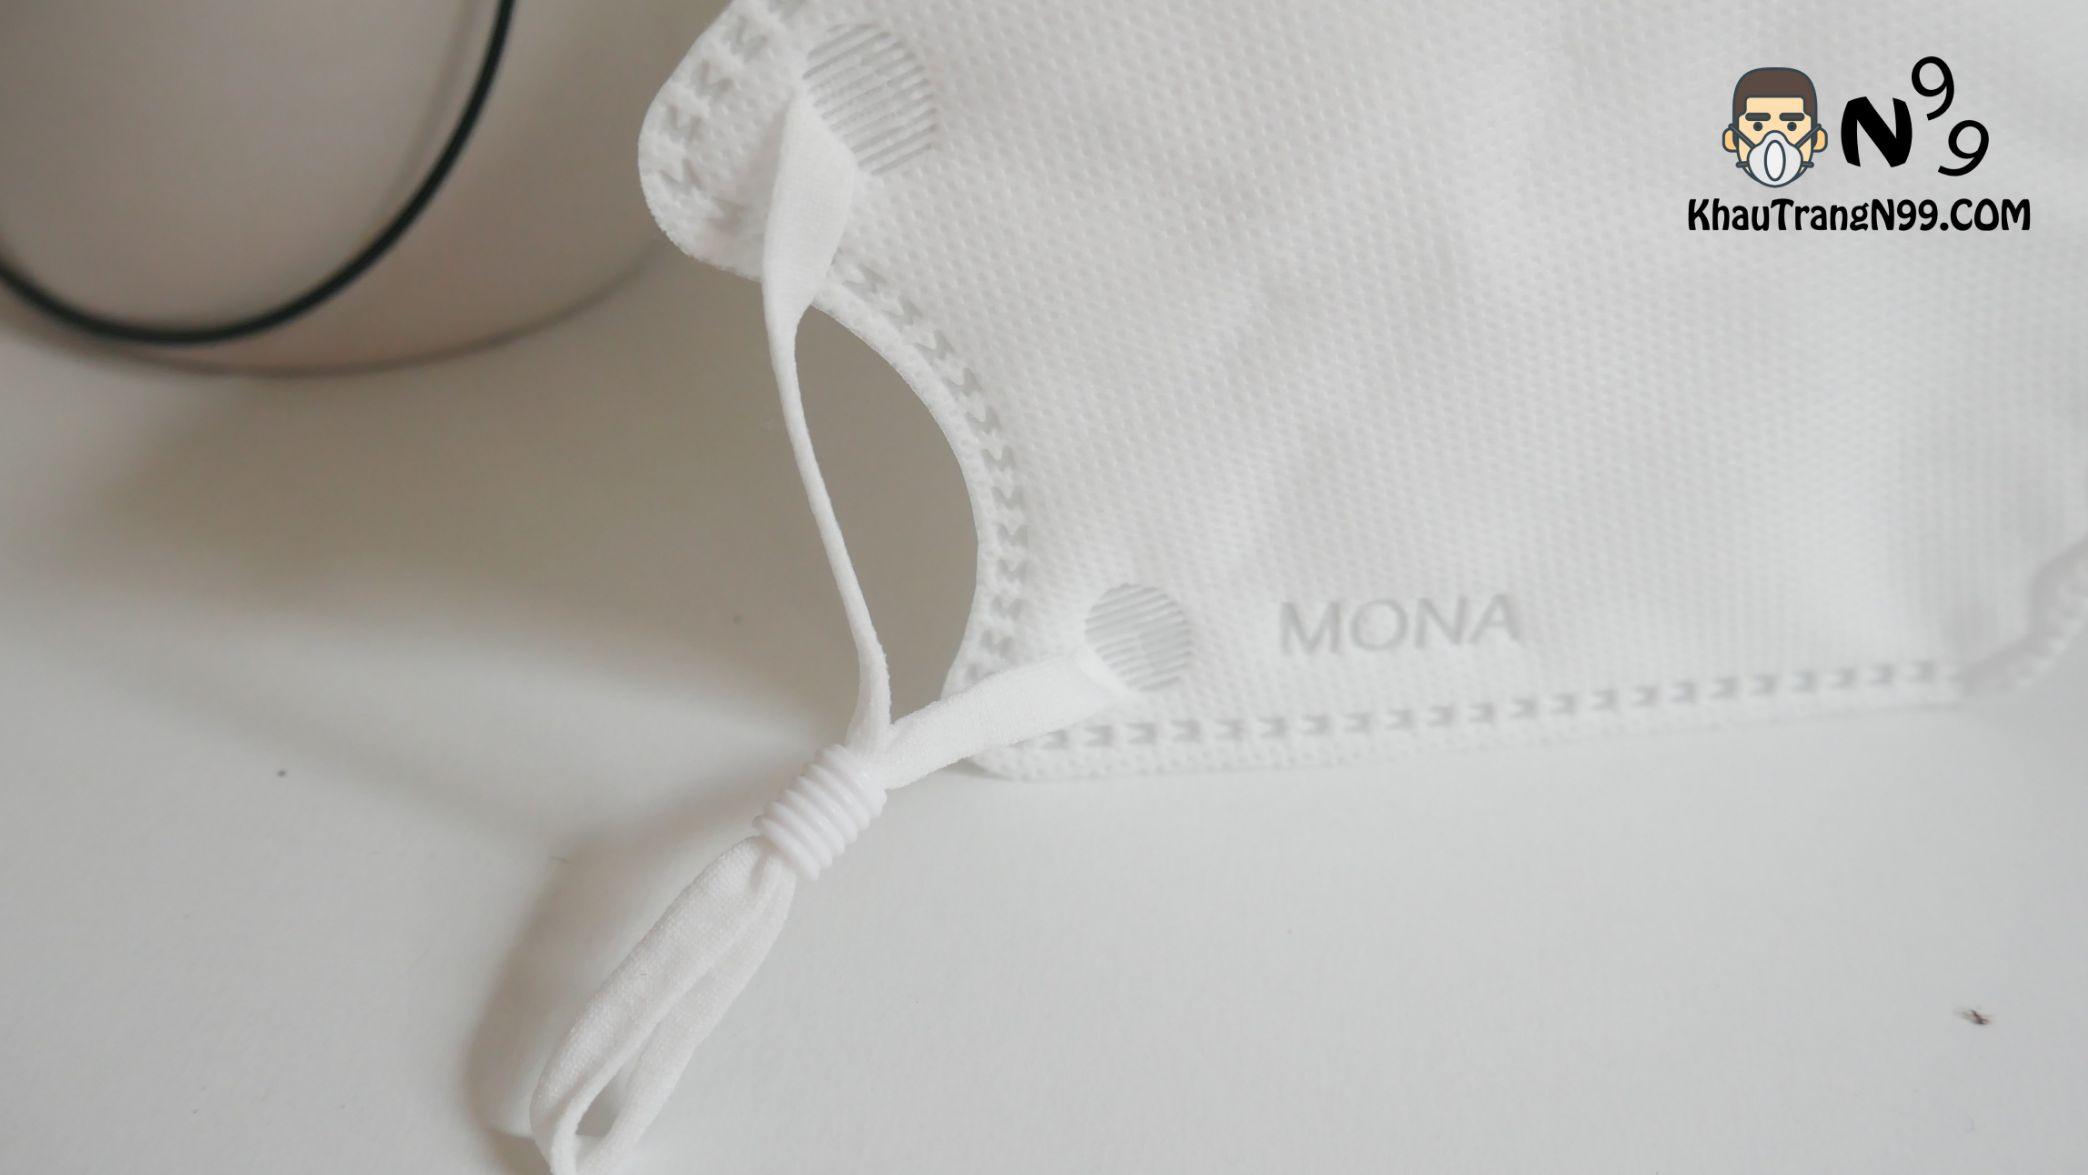 Khẩu trang mona mask màu trắng n95 (1)